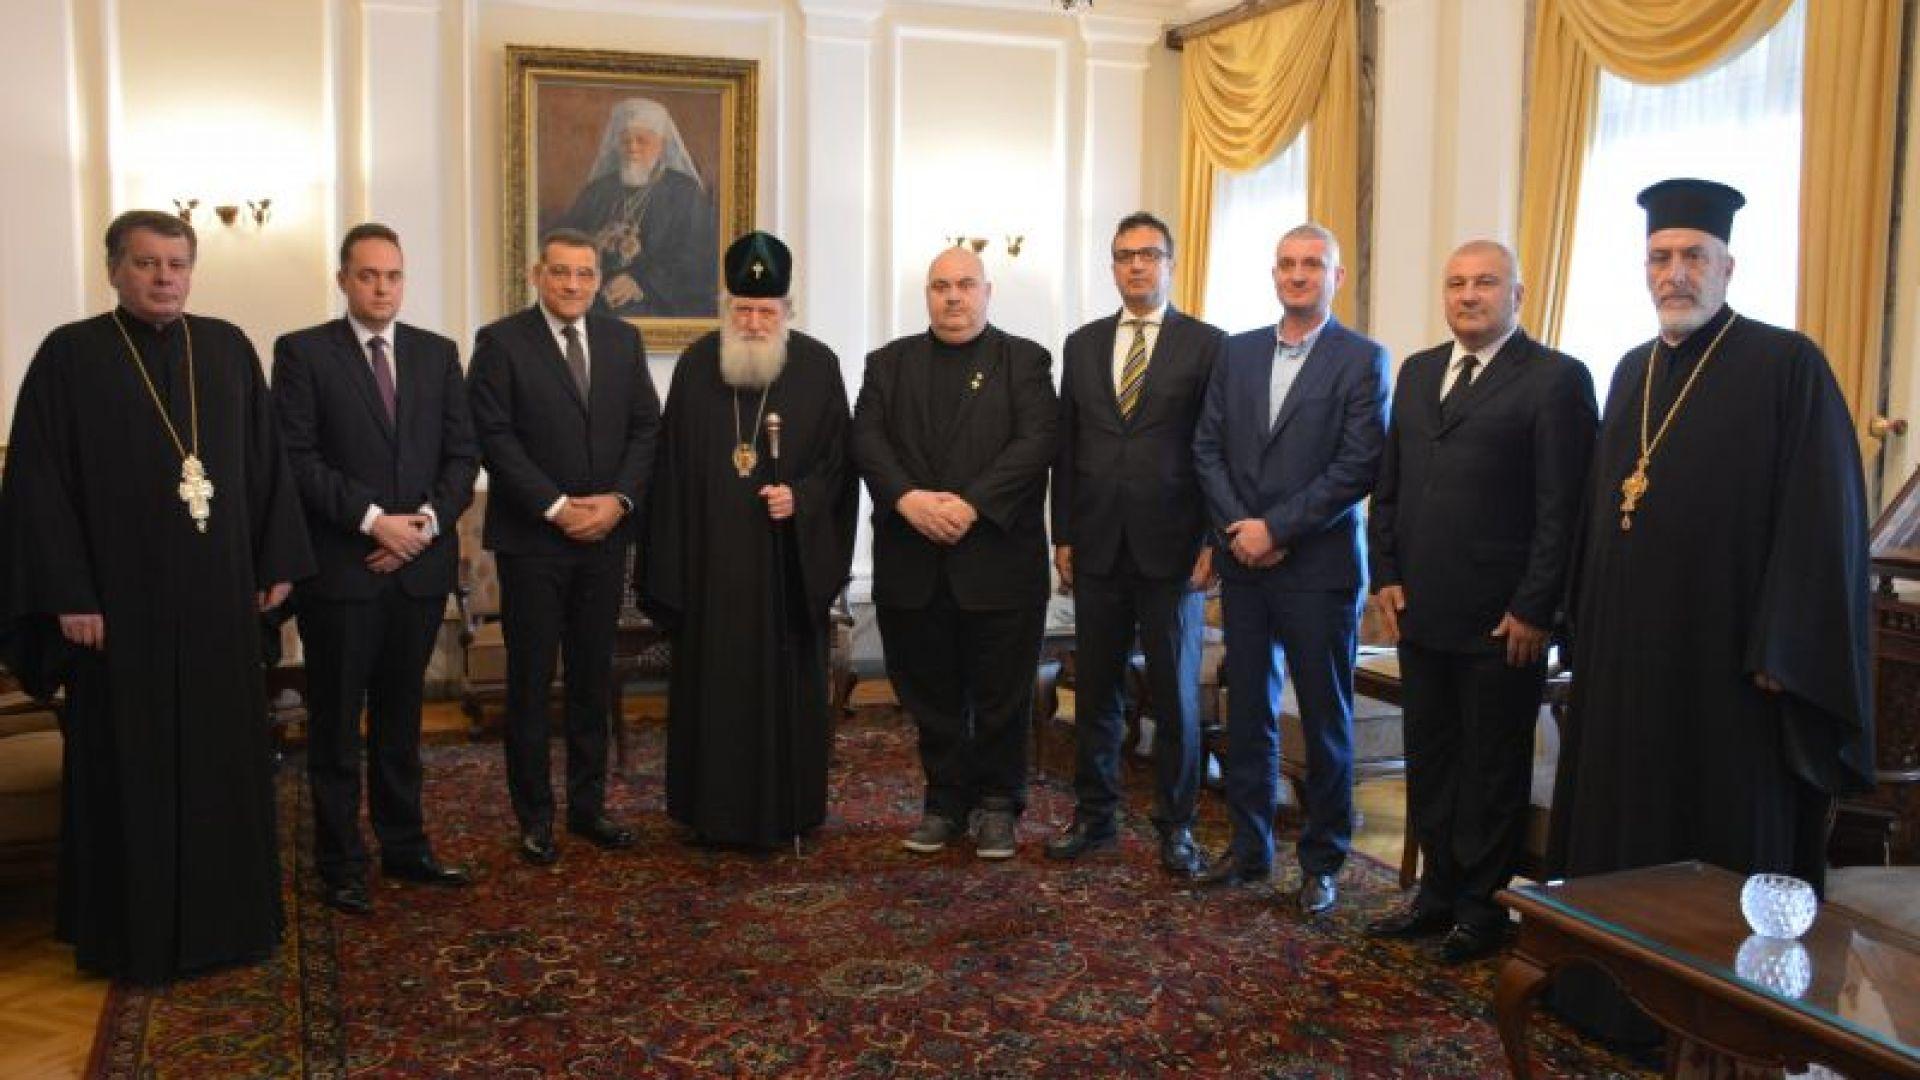 Църквата иска български храм в Букурещ